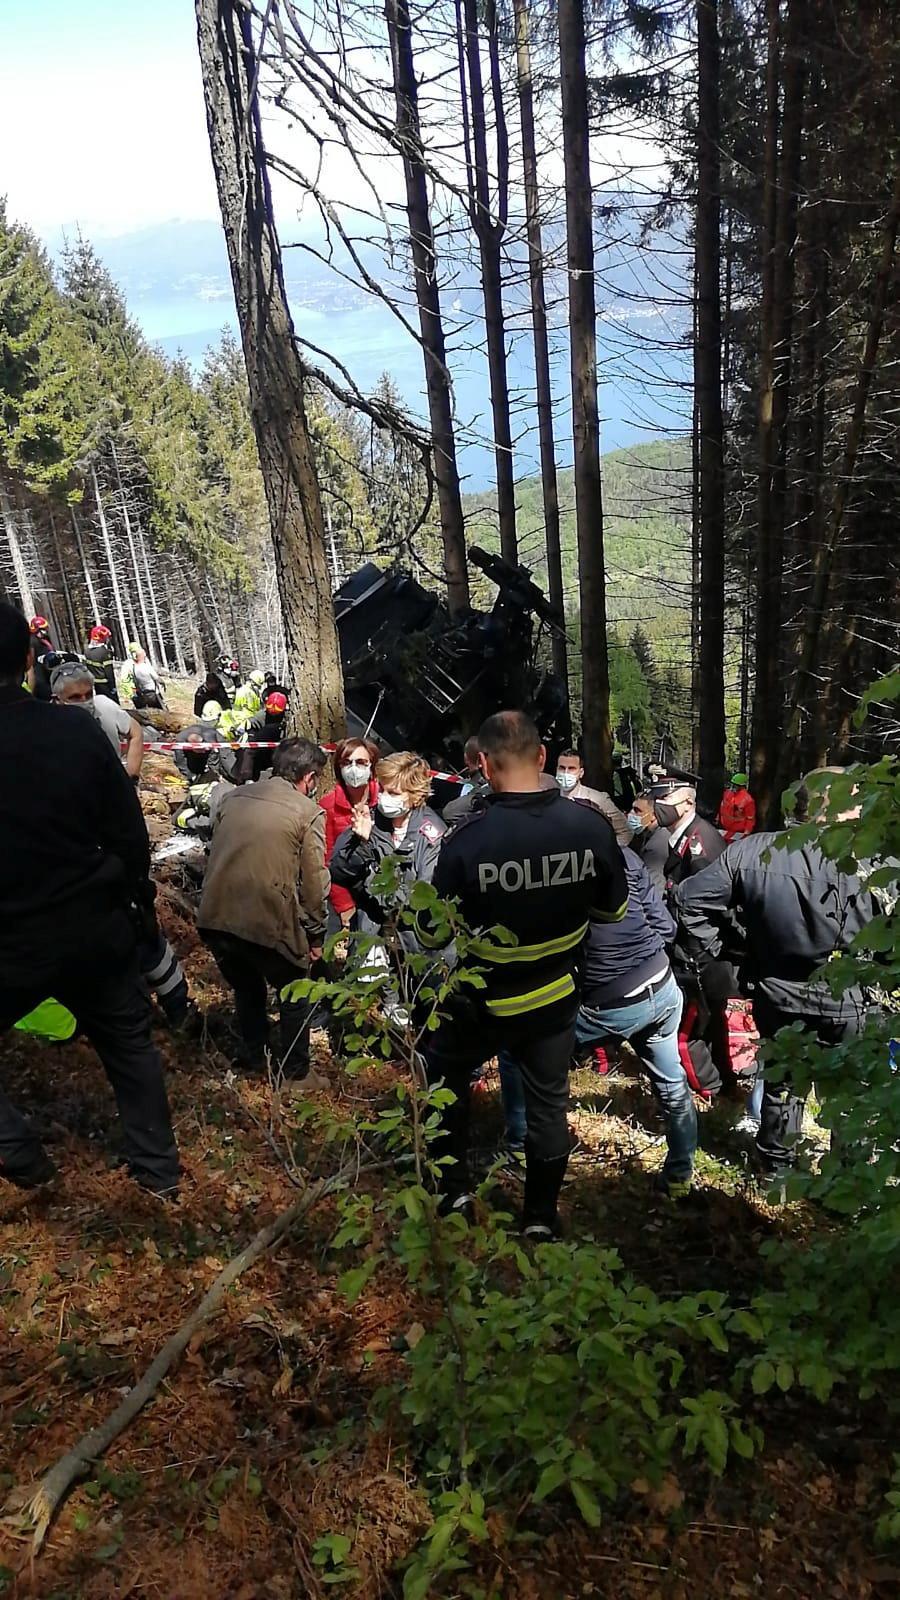 В Італії на канатній дорозі сталася НП: загинули 12 людей (фото) ОНОВЛЕНО